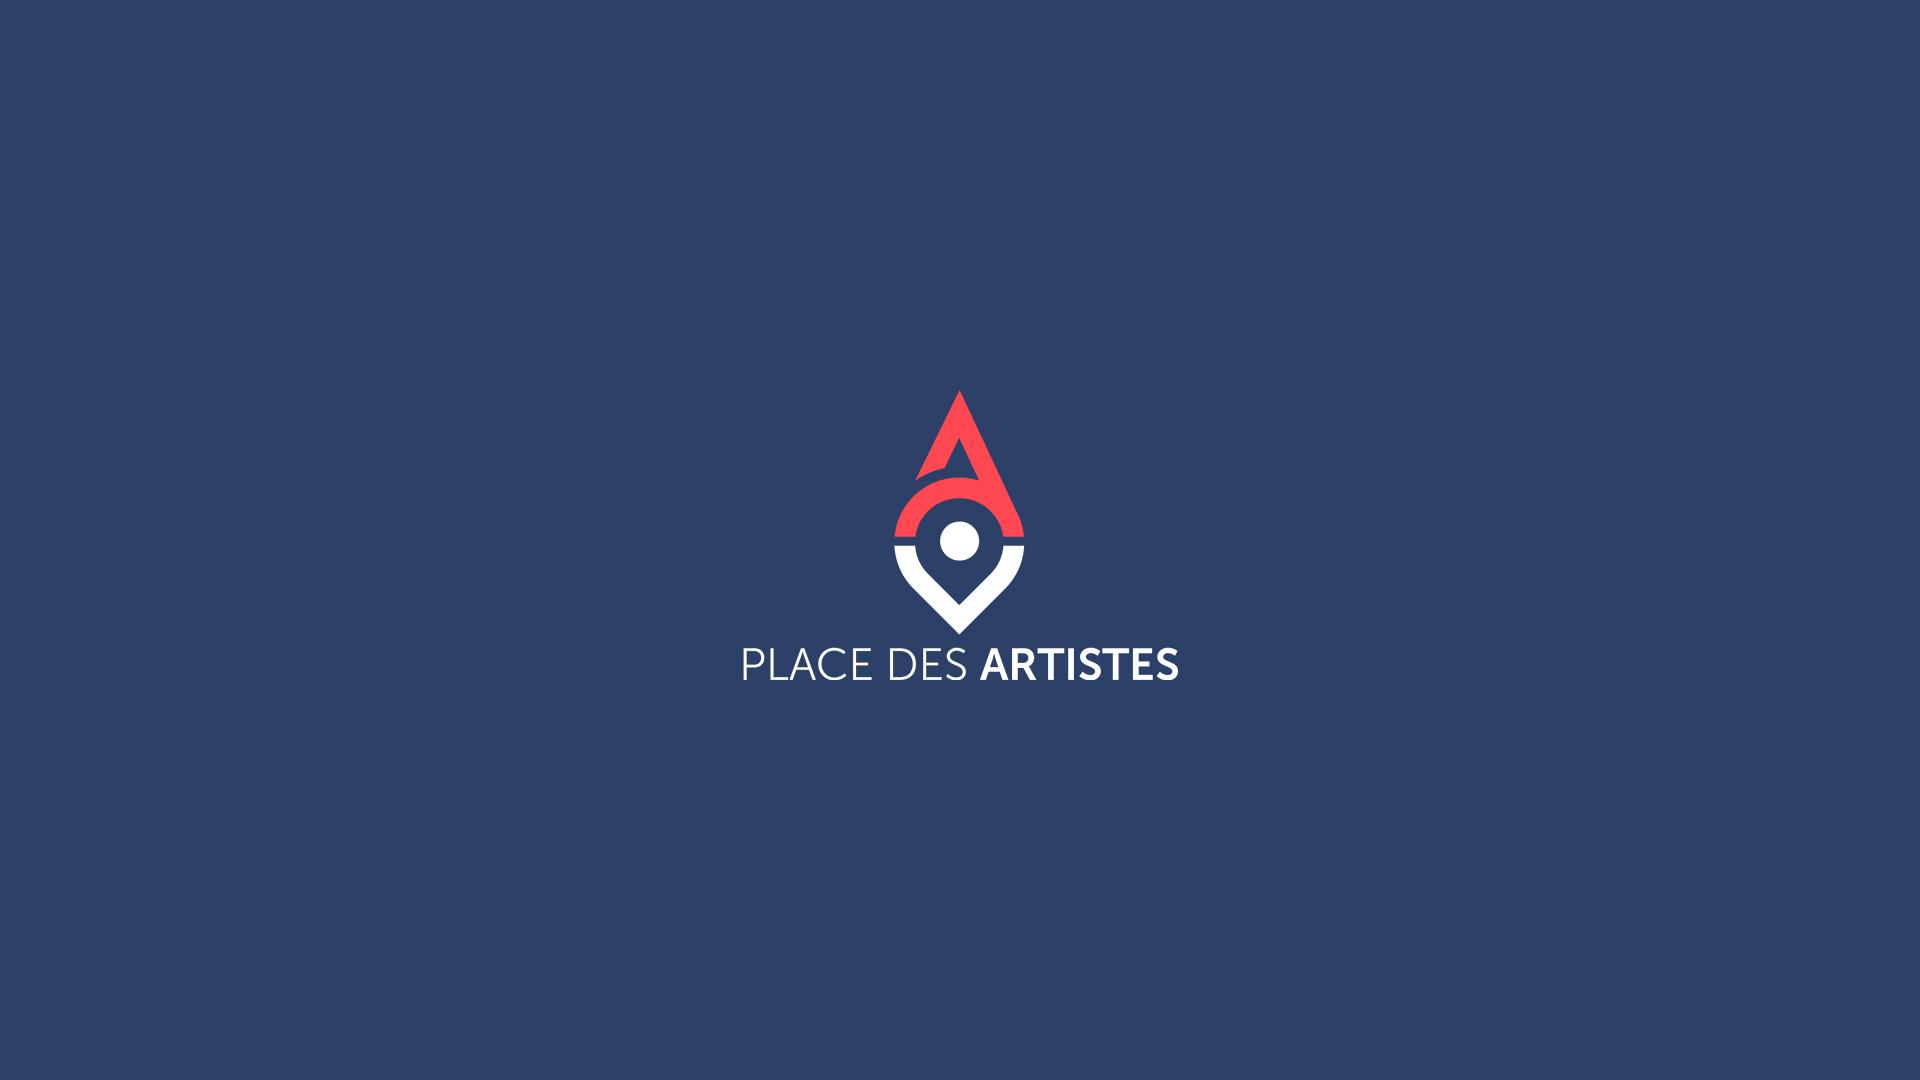 Identité visuelle, motion design pour Place des Artistes